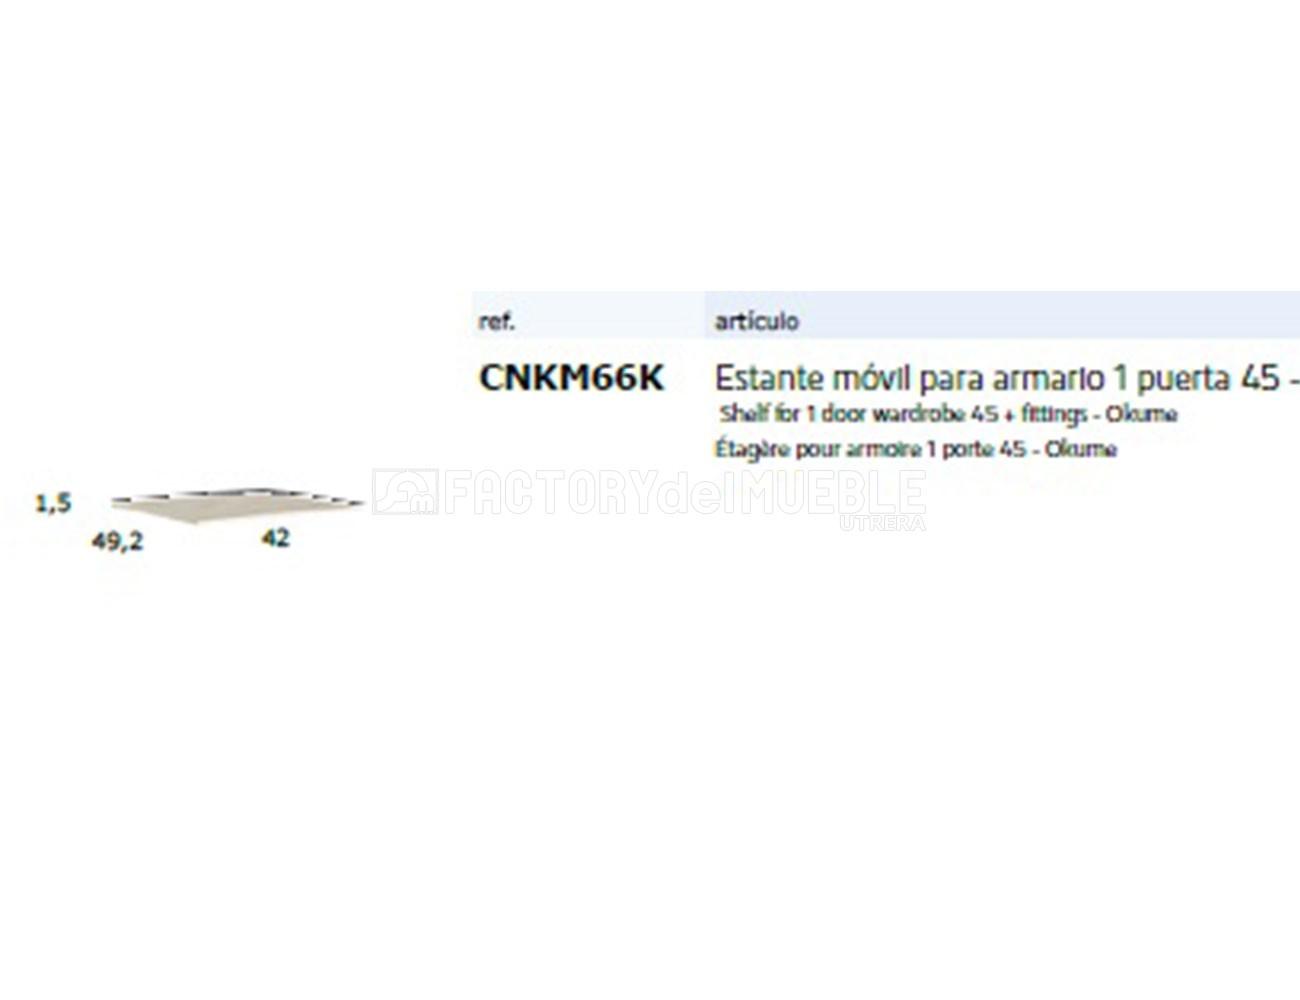 Cnkm66k estante movil para armario 1p 45